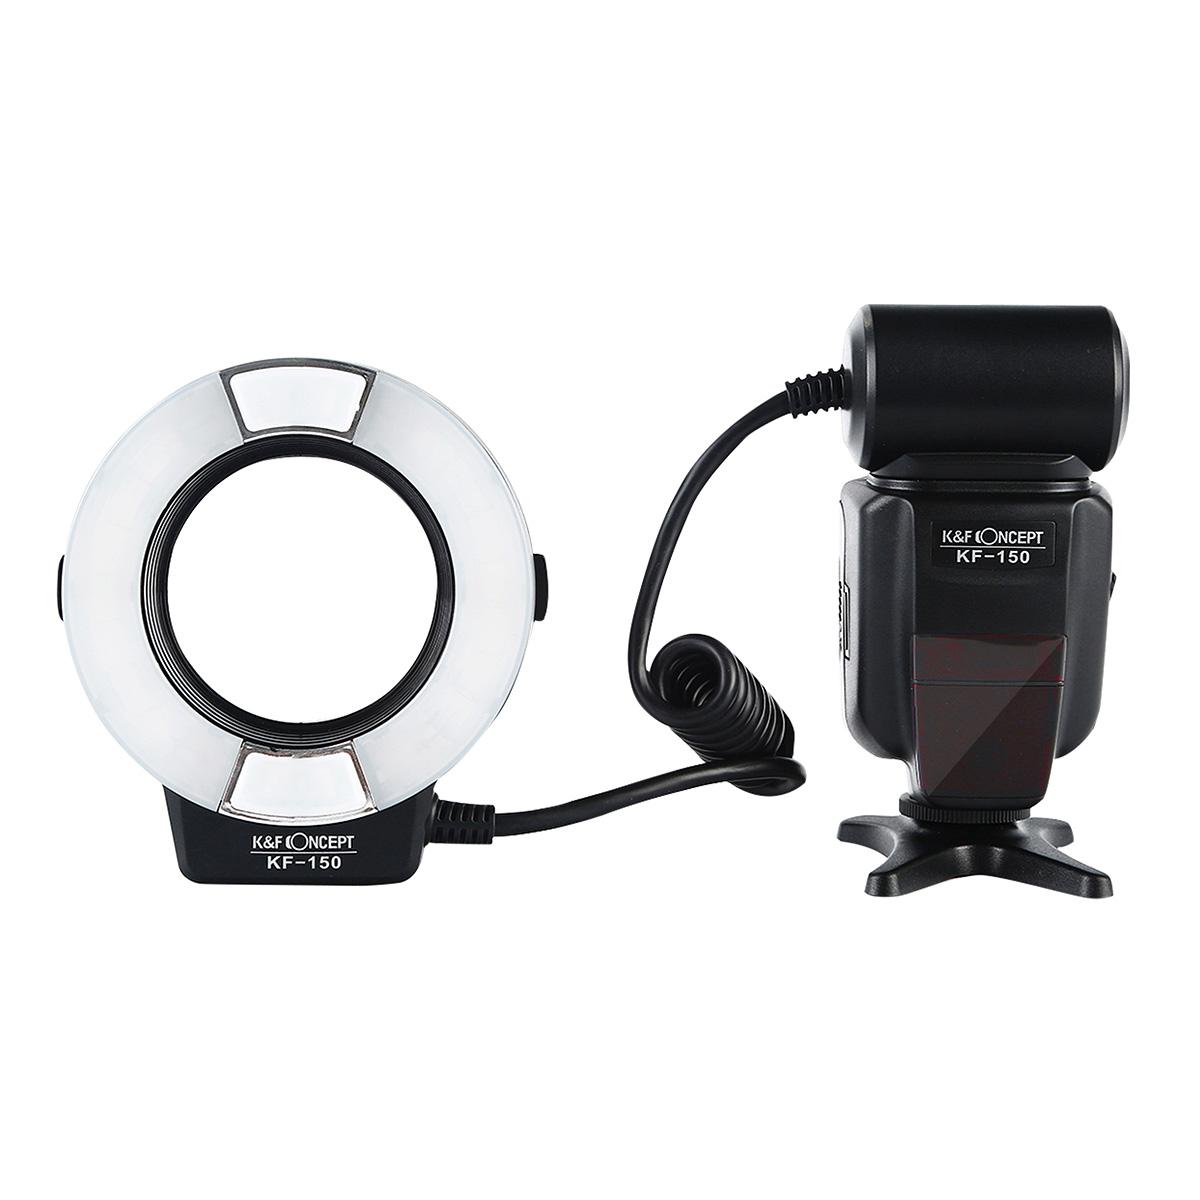 Canon用マクロリングフラッシュ KF-150C TTL対応[K&F Concept]